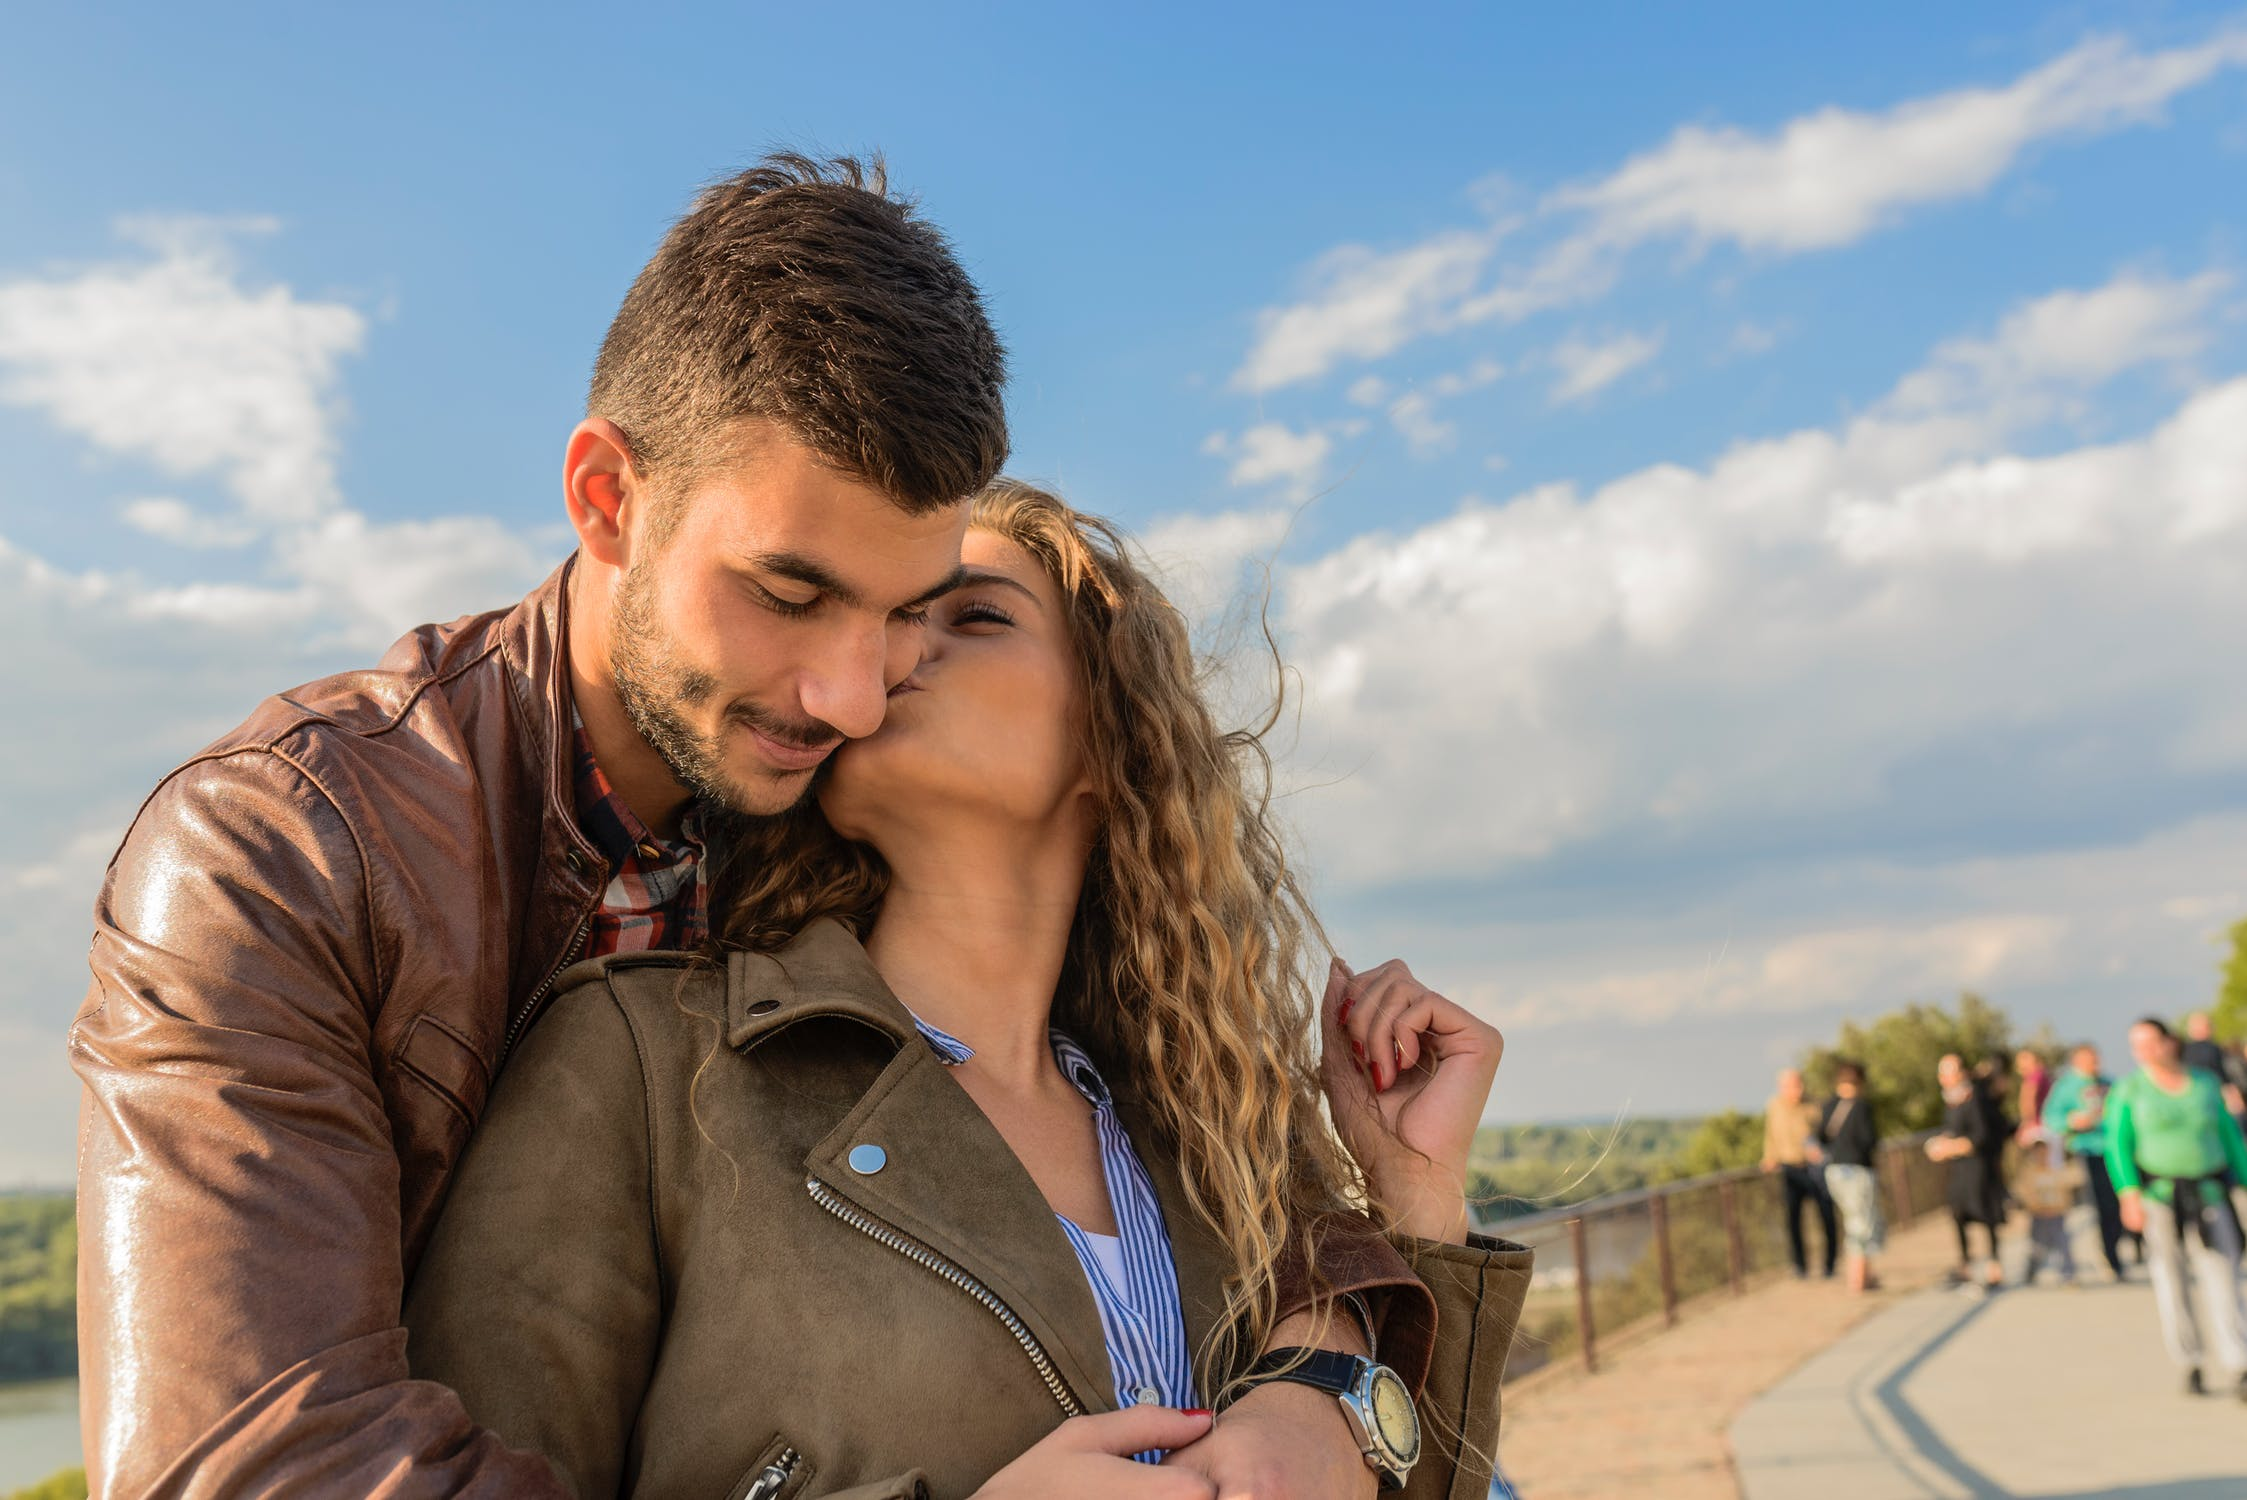 जोडीदारासोबत शारीरिक संबंध ठेवल्यामुळे दोघंही भावविकरित्या एकमेकांमध्ये गुंतले जातात. तज्ज्ञांच्या मते, जोडीदारासोबतचे शारीरिक संबंध कमी झाले तर दोघंही एकमेकांपासून भावनिकरित्या दूर जाऊ लागतात.